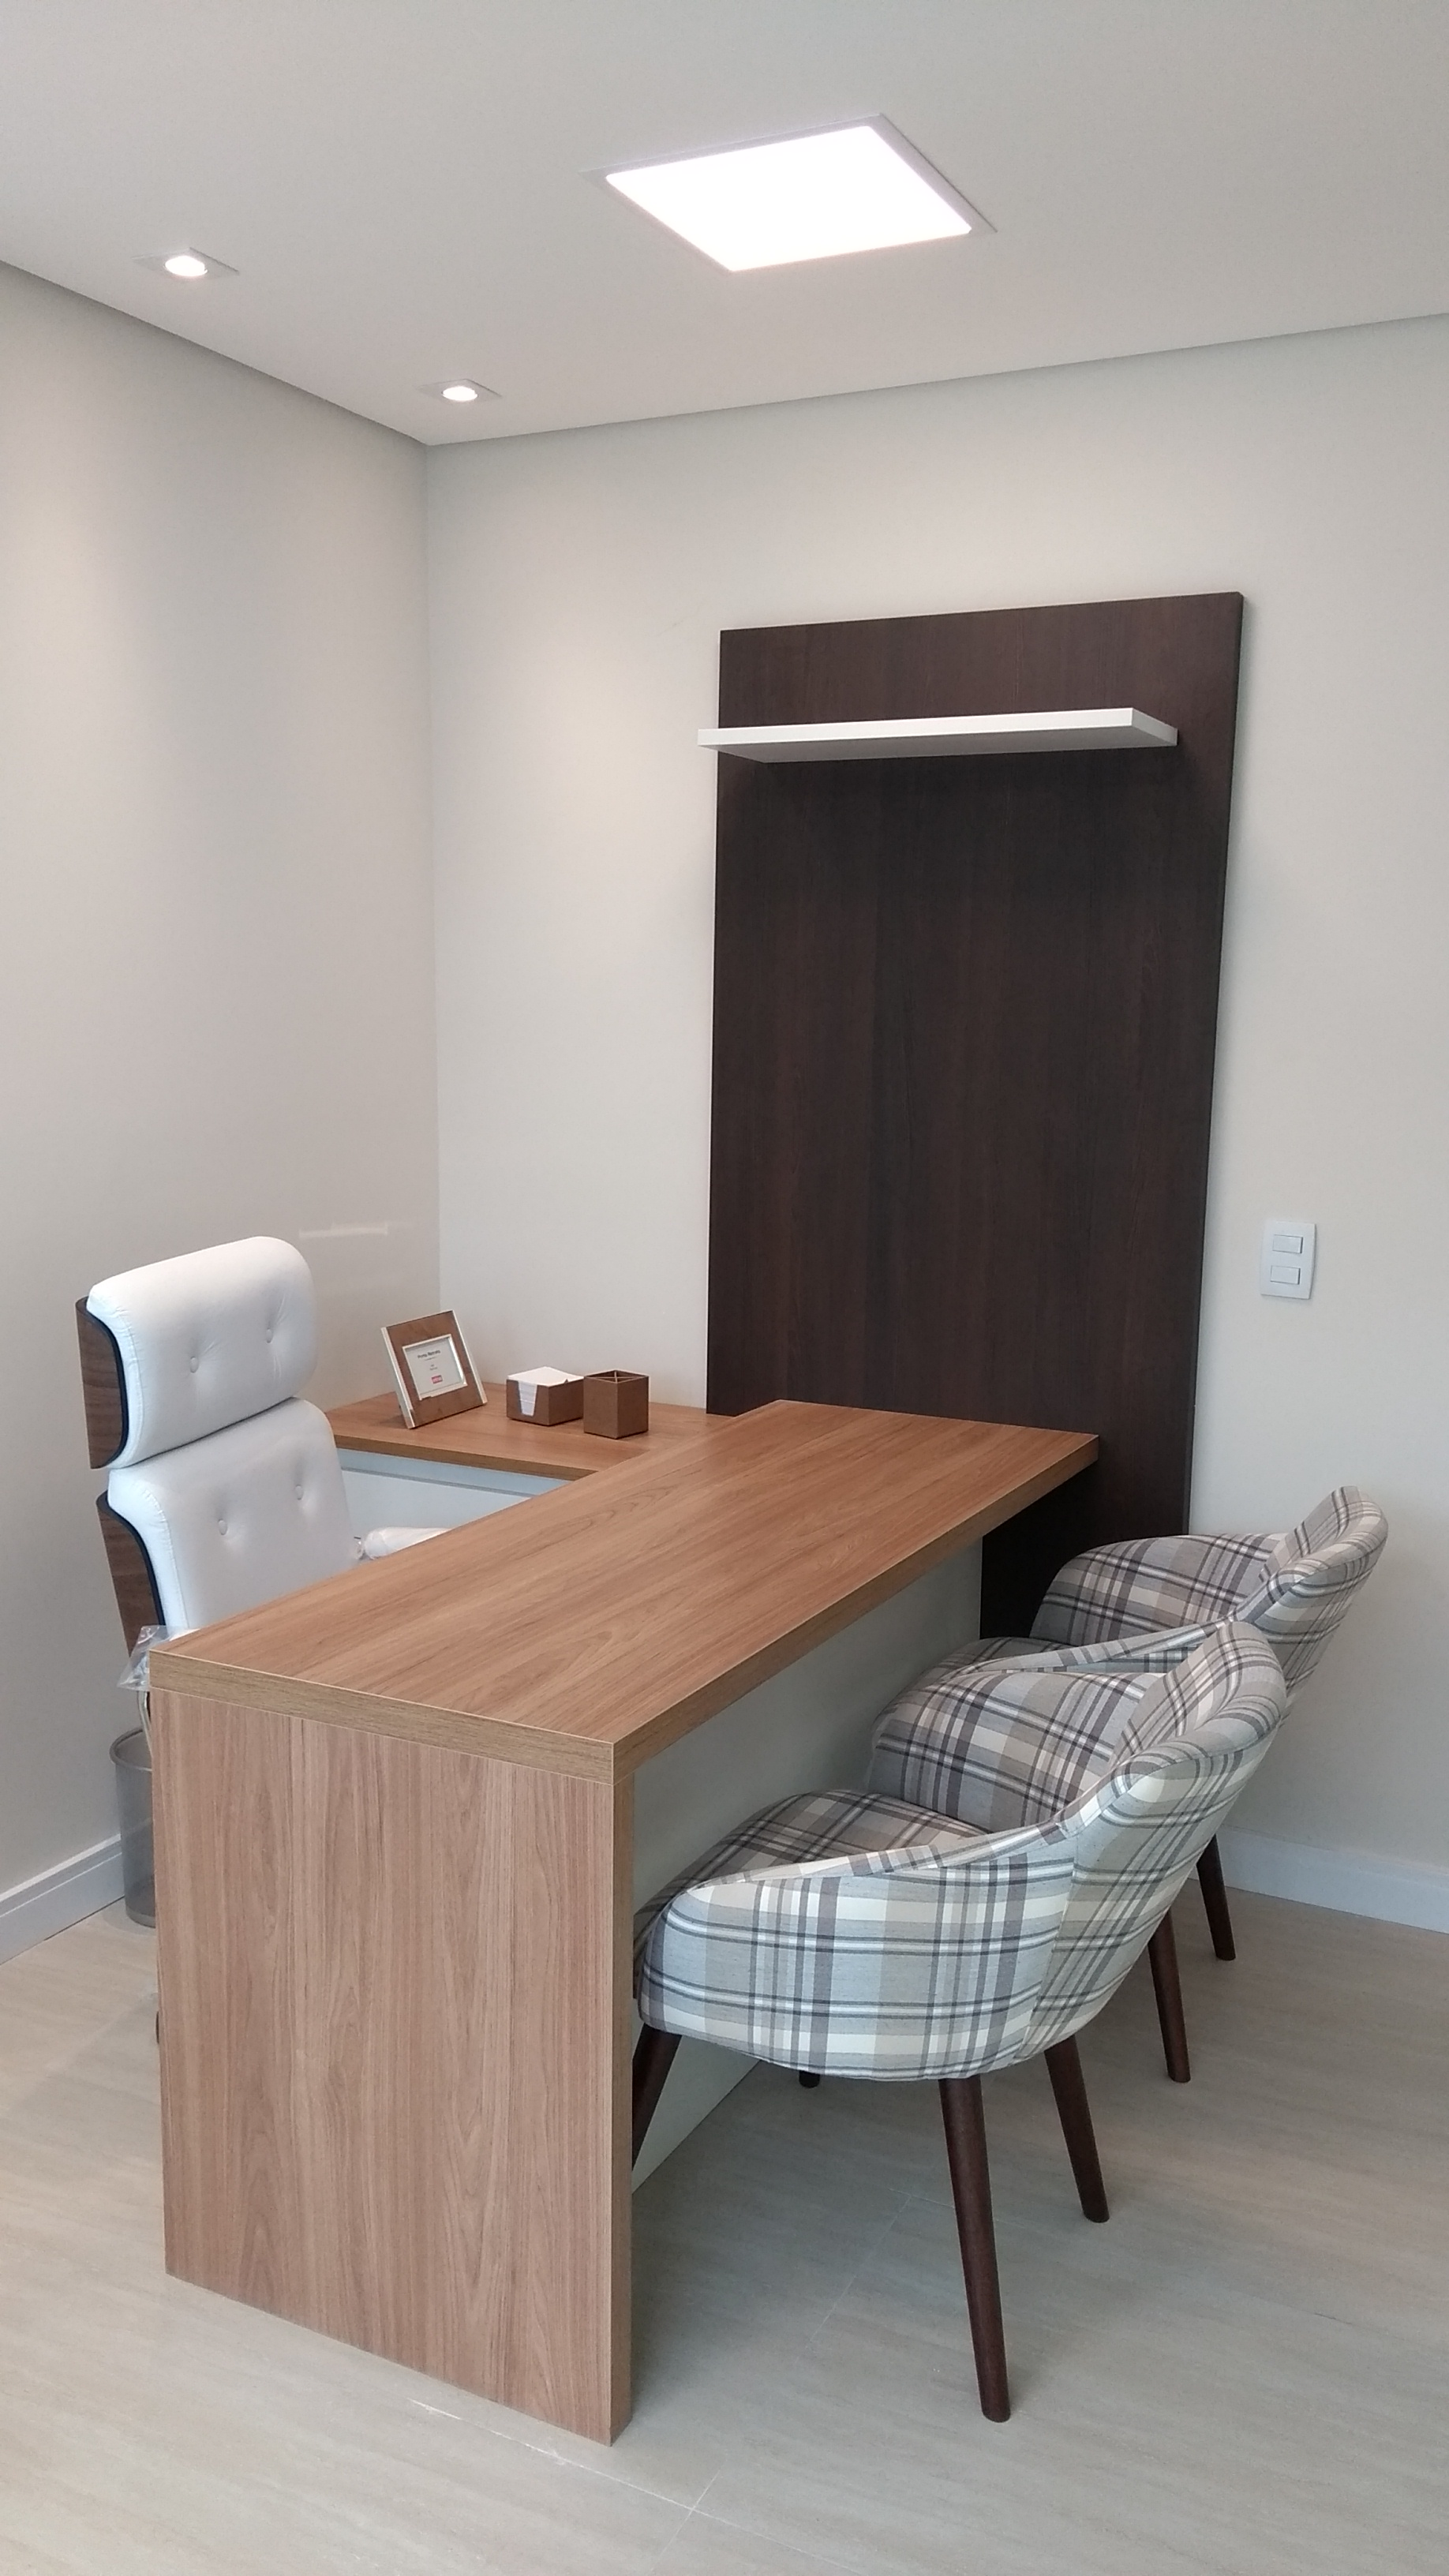 Consultório - Golden Office